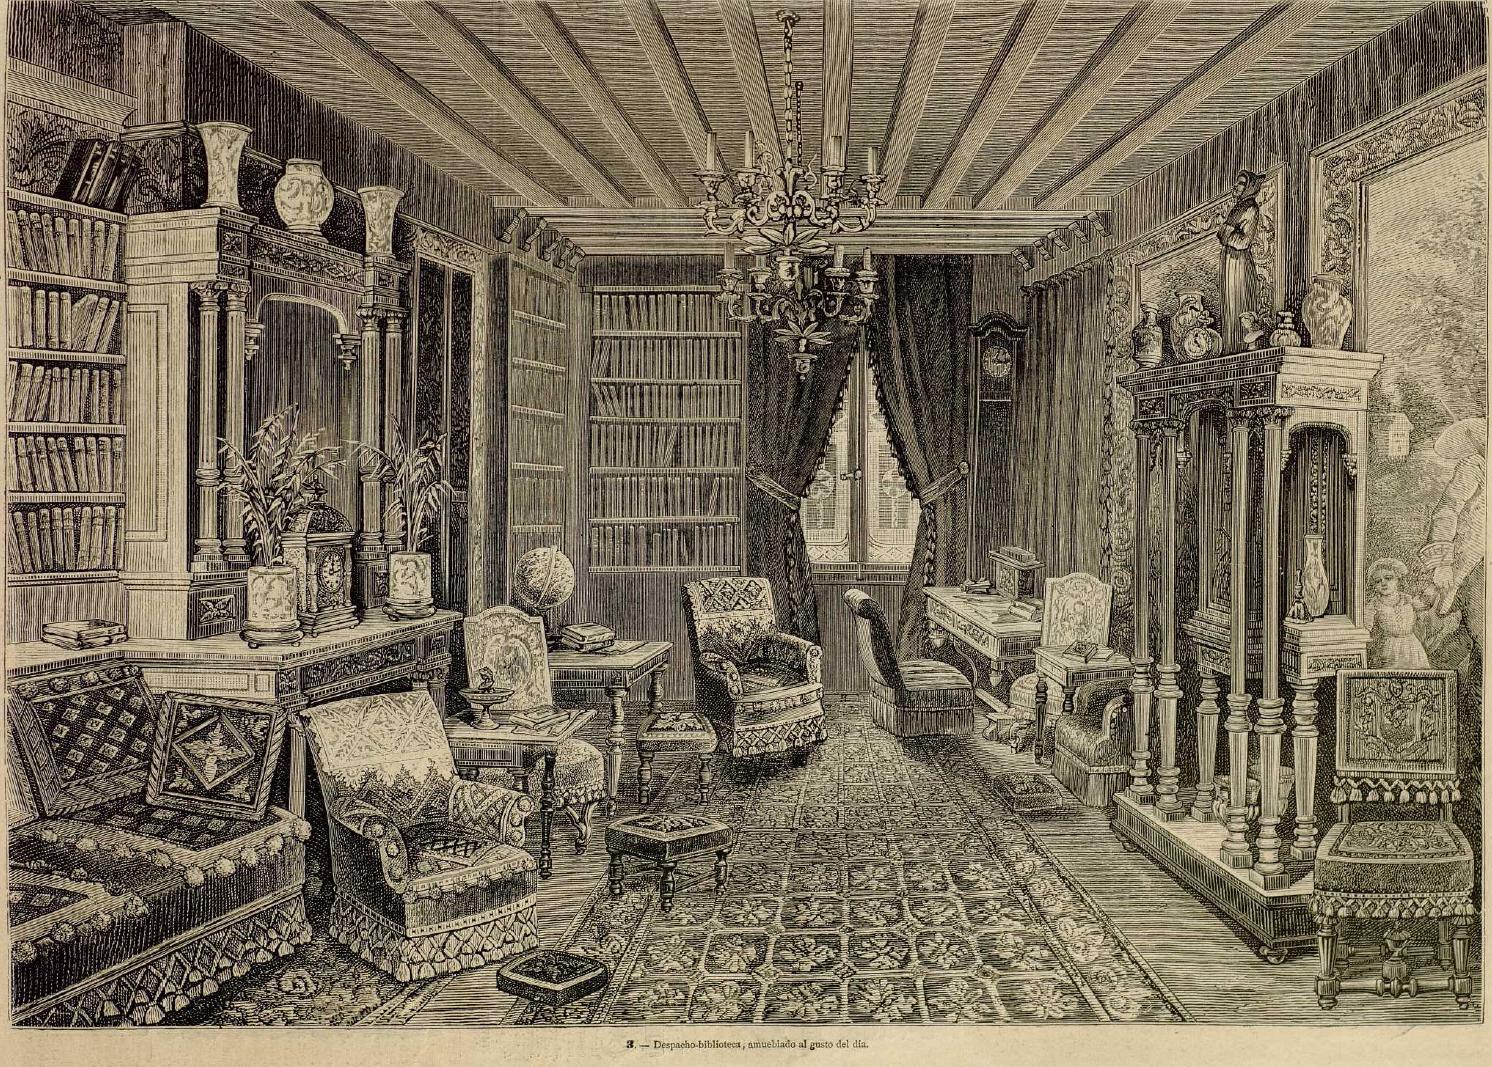 Modelo de despacho del último tercio del s. XIX. La Moda elegante ilustrada. 1.881. Biblioteca Universitaria de la UGR. CC ES.